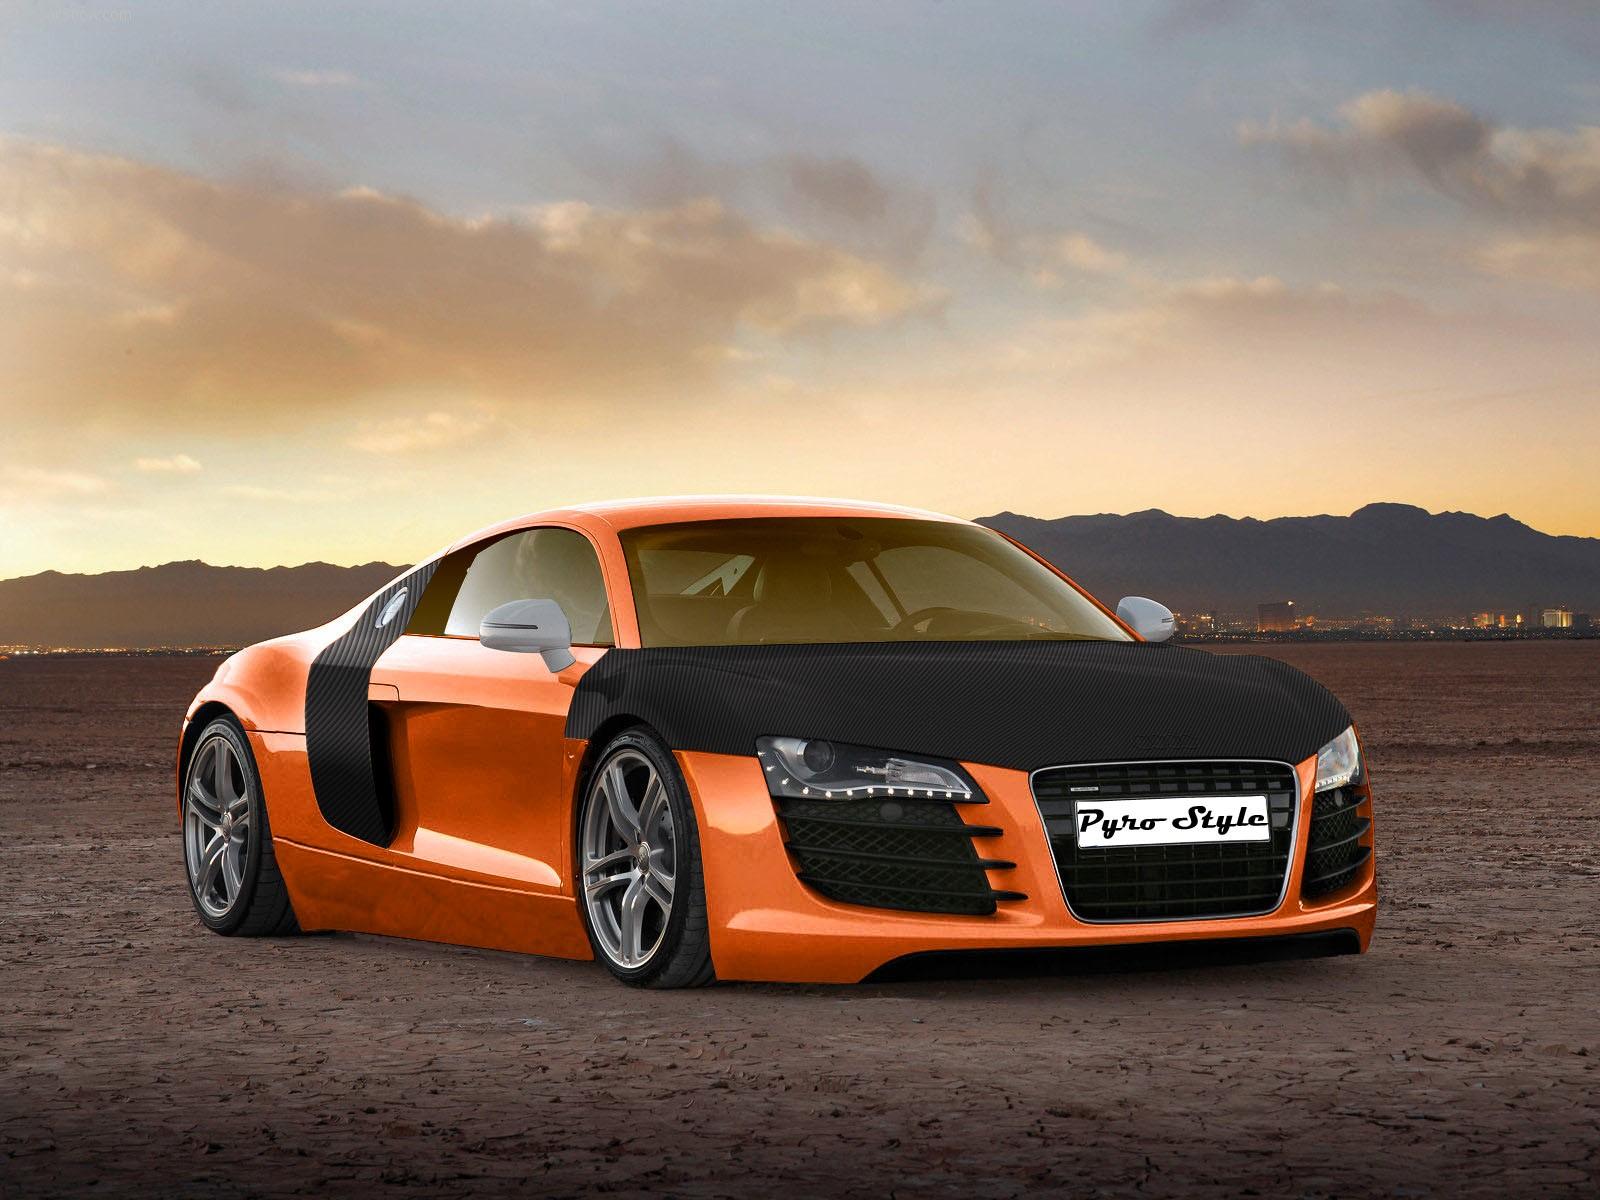 http://3.bp.blogspot.com/-_YIbgbwDwGI/TxVEhwhQk2I/AAAAAAAACLE/Z7XsgxhgLDk/s1600/Audi+R8-653731+%25281%2529.jpeg